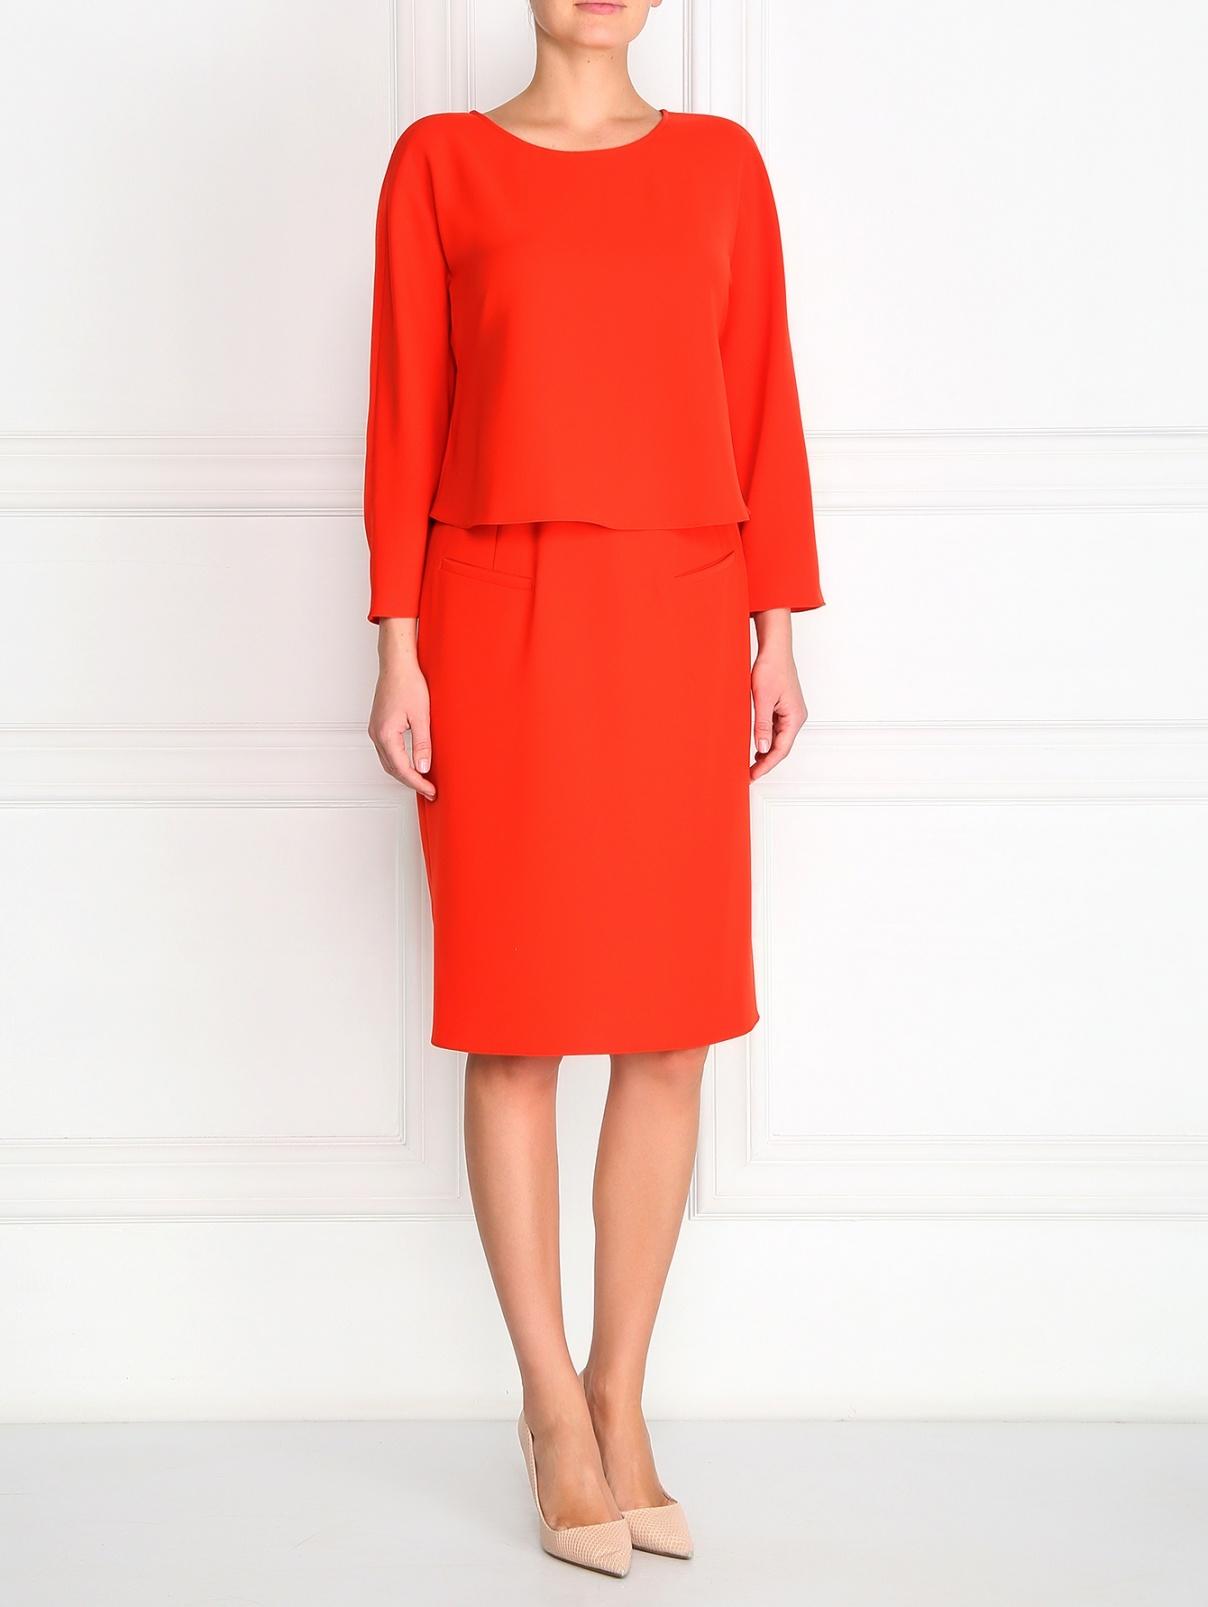 Платье прямого фасона с боковыми карманами Armani Collezioni  –  Модель Общий вид